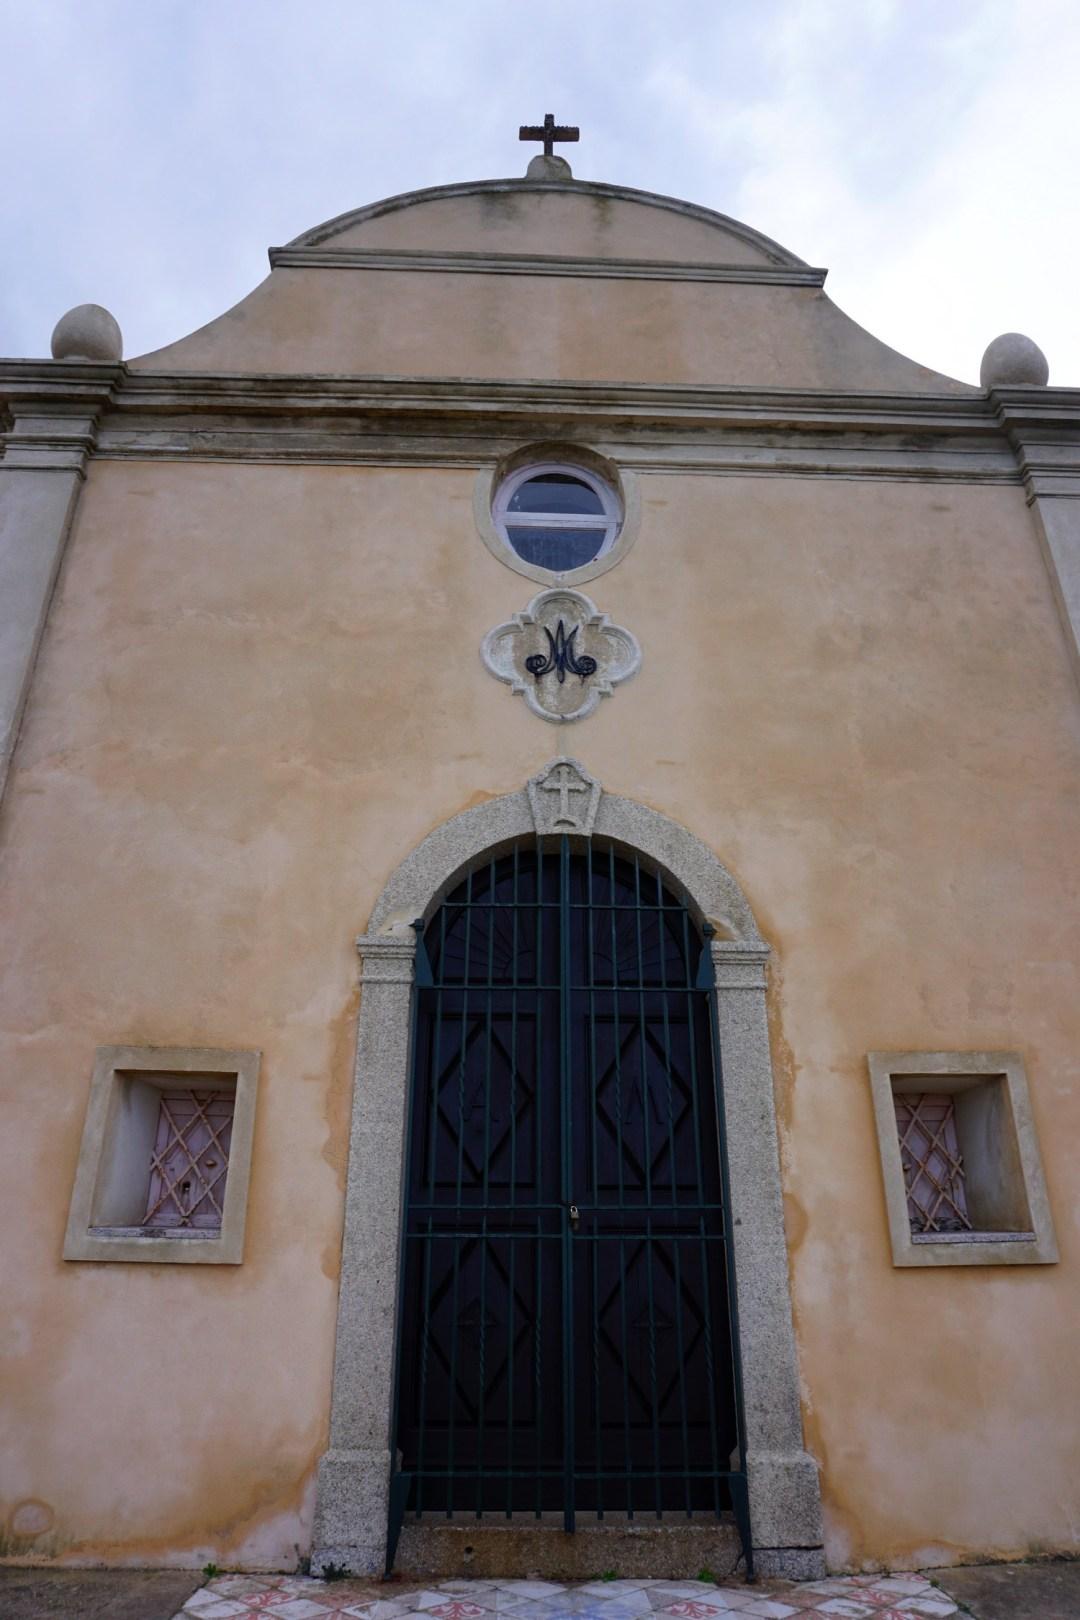 NOTRE DAME DE LA SERRA BAIE DE CALVI PANORAMIQUE BLOG VOYAGE TOURISME CORSE CORSICA COUPLE ROAD TRIP 19